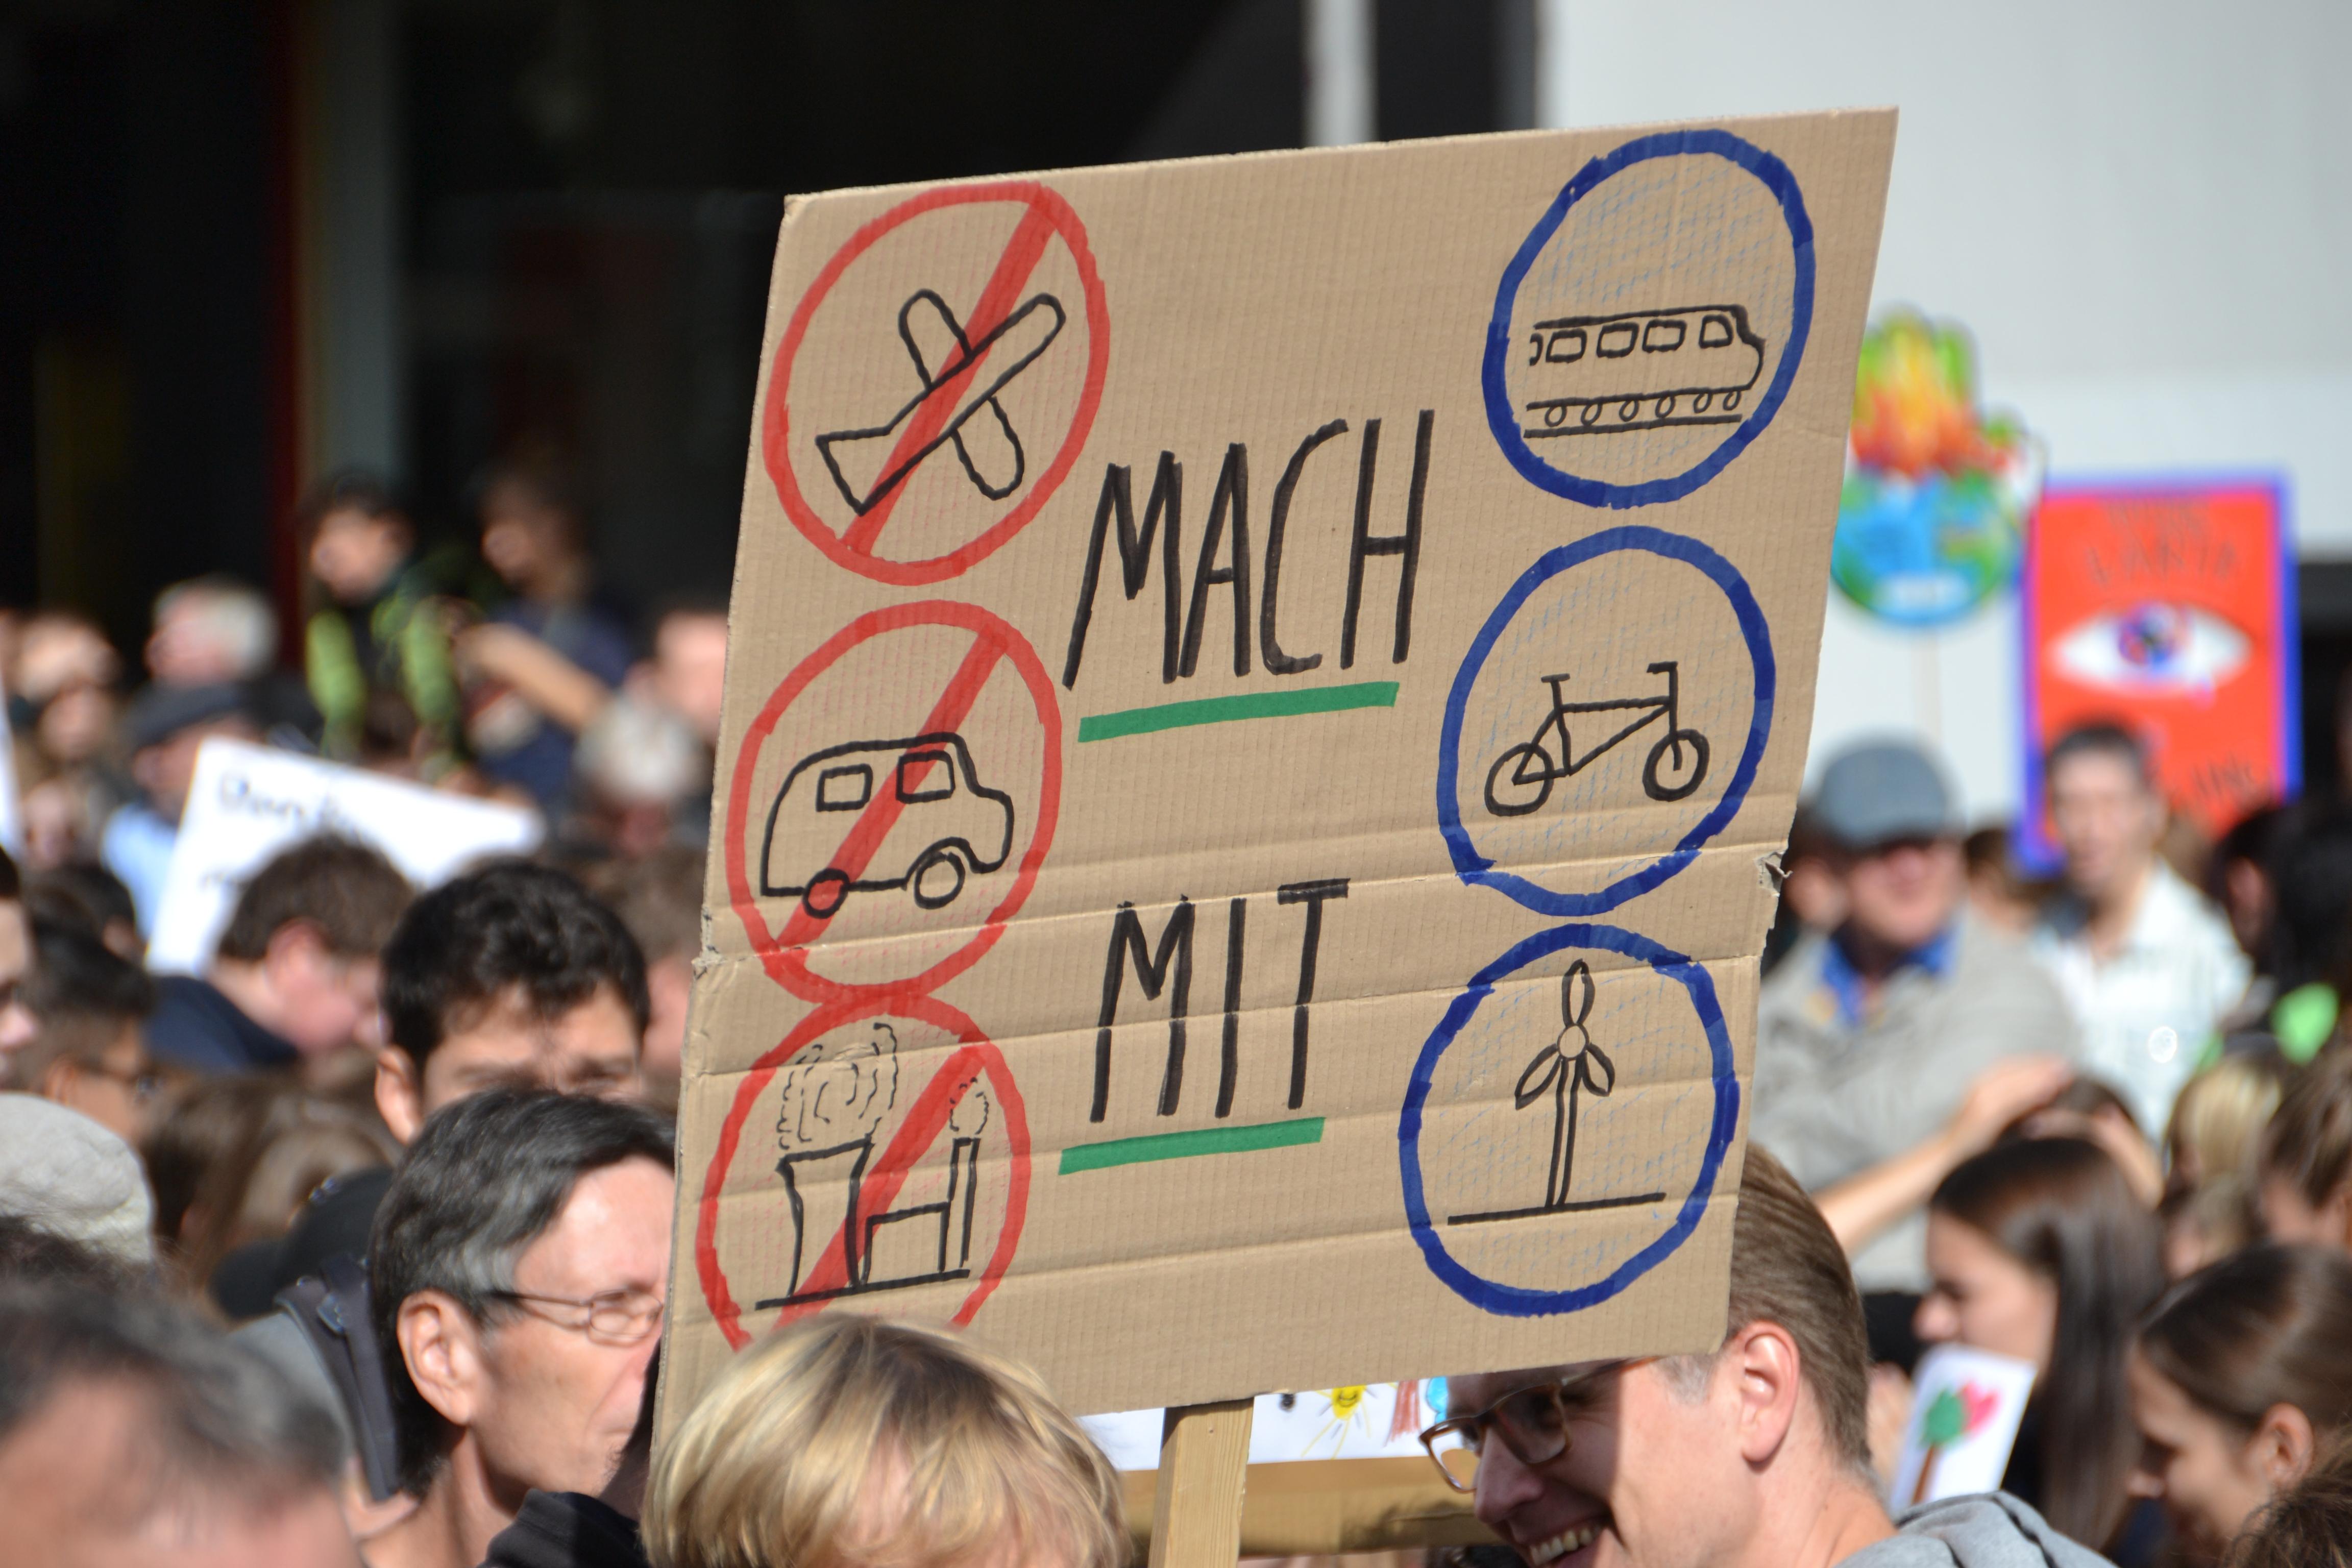 Ein selbst gemaltes Pappschild mit angedeuteten Verbotsschildern für Flugzeug, Auto und Kohlekraftwerk und Gebotsschildern für Bahn, Fahrrad und Windkraftwerk.